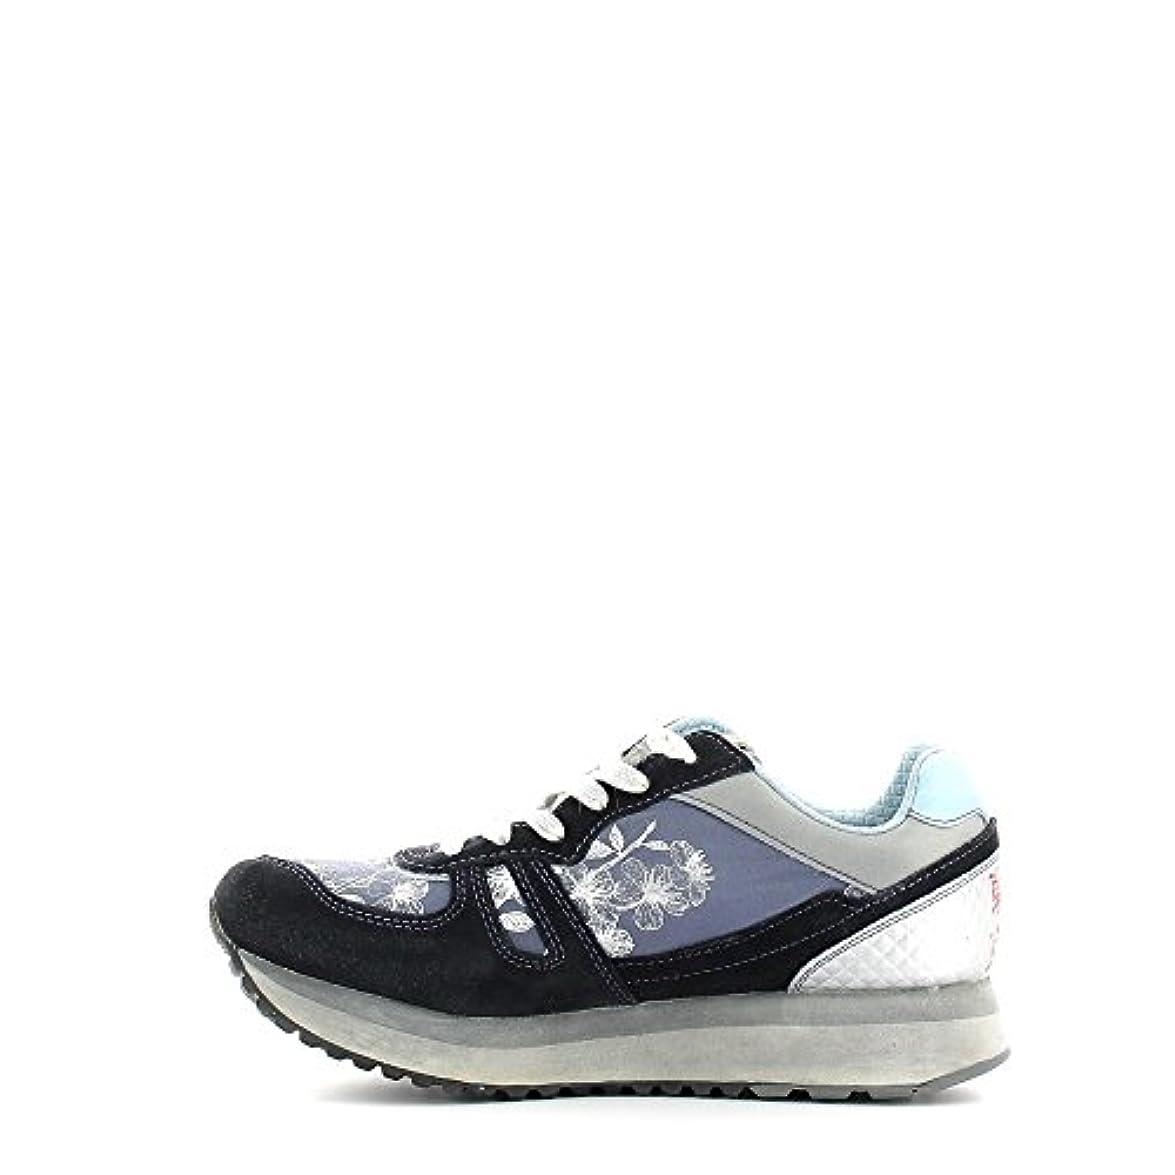 Lotto R7081 Sneakers Donna Crosta Nautic